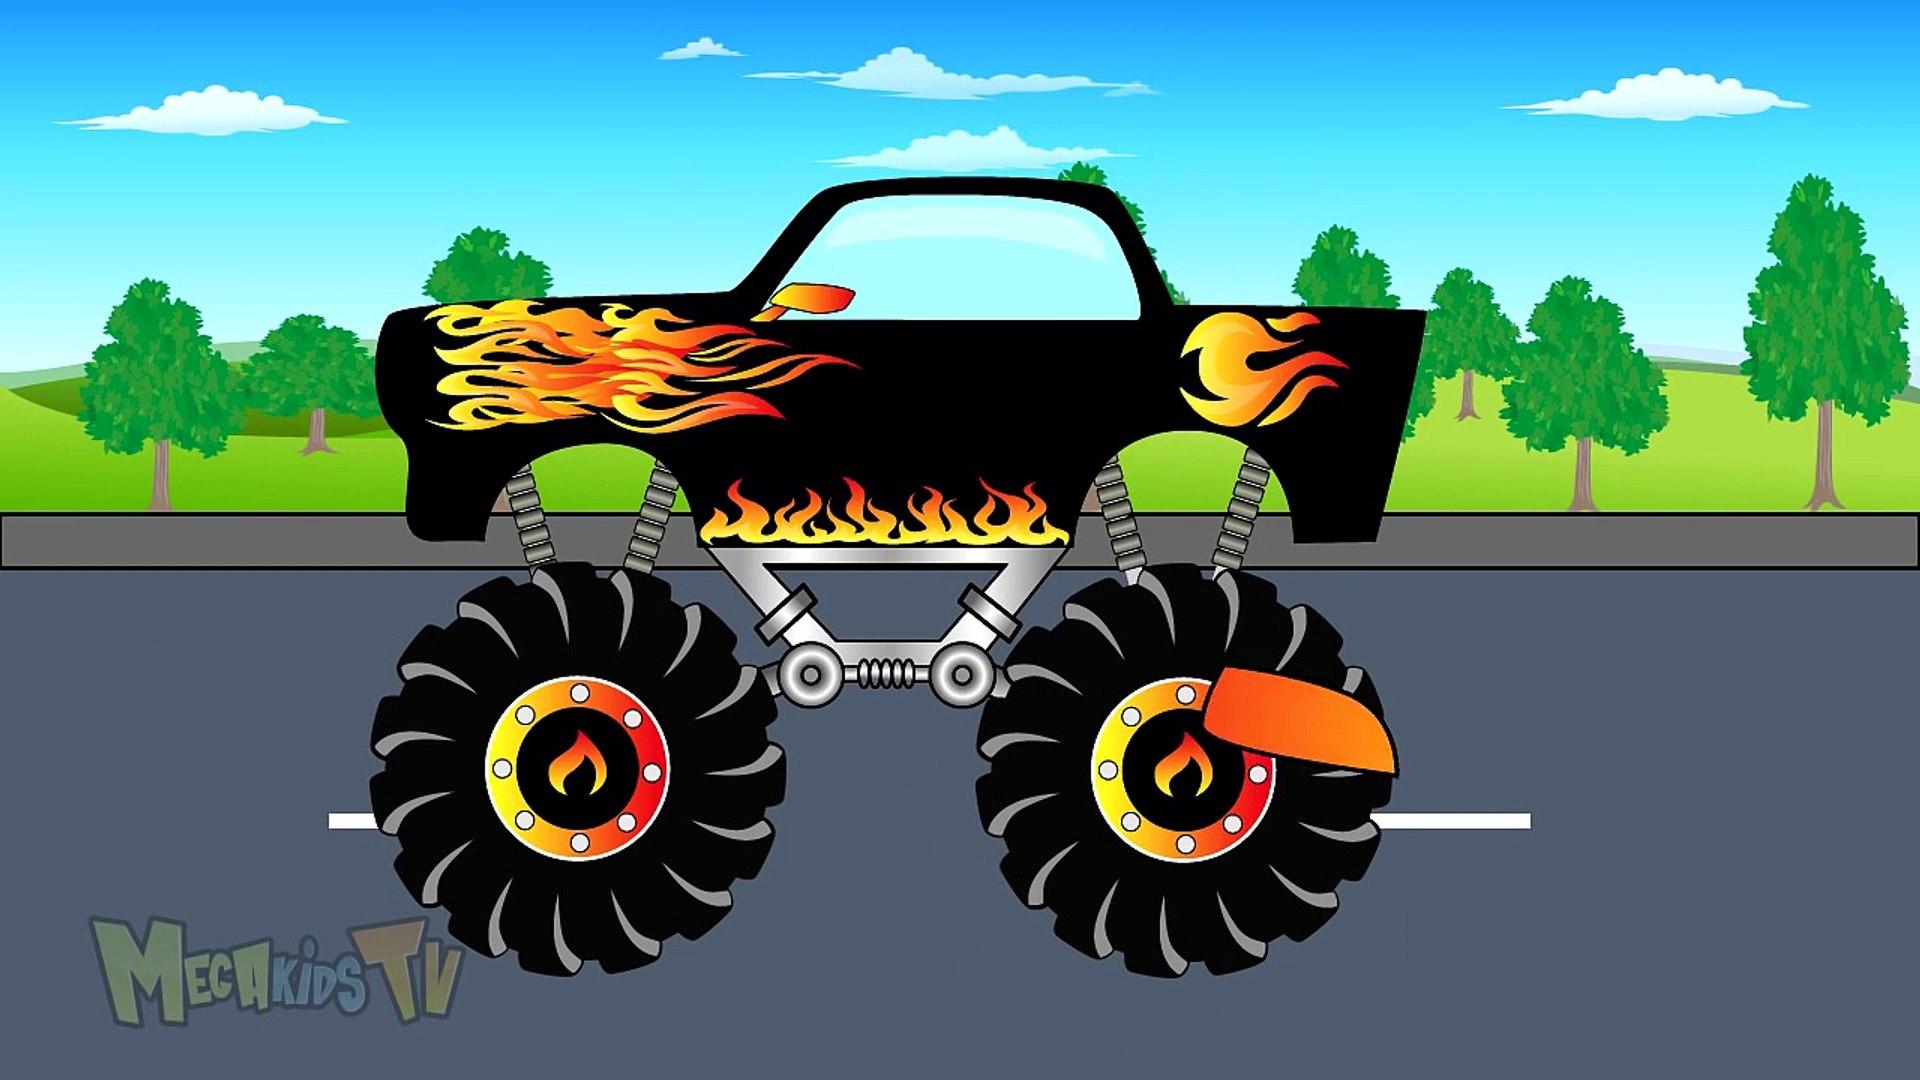 Police Truck Vs Black Truck - Video For Kids - Mega Kids Tv